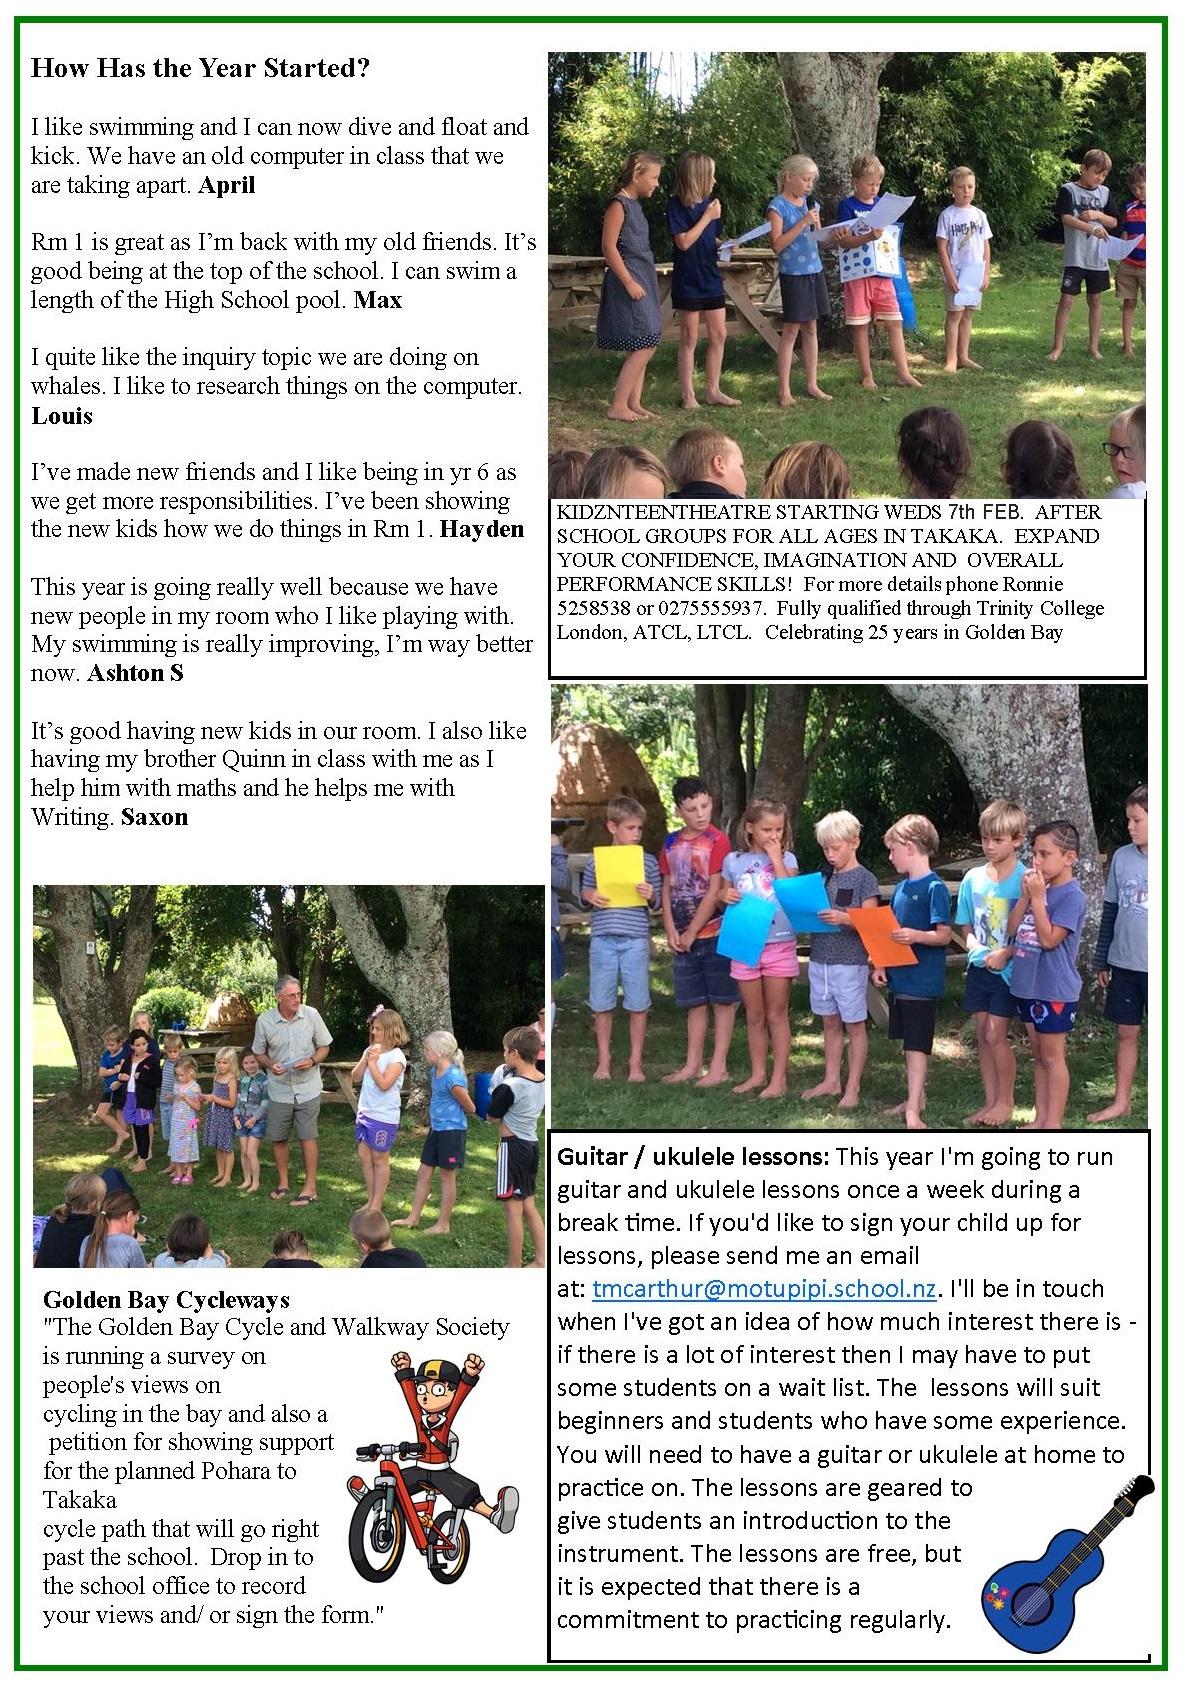 8th Feb Page 3.jpg